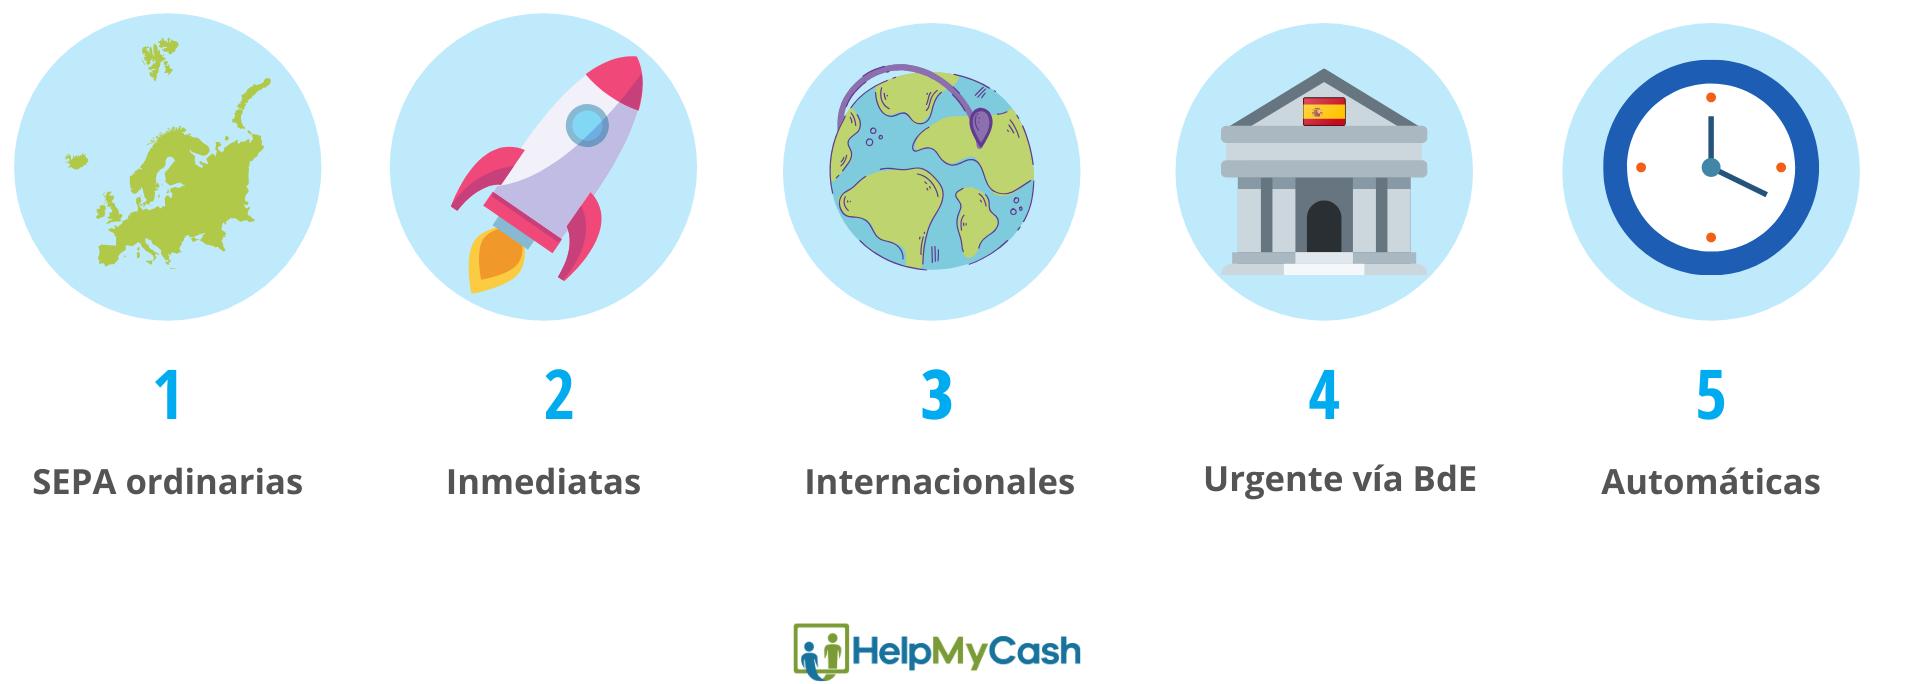 Tipos de transferencias bancarias por internet: 1. Transferencias SEPA ordinarias. 2- Transferencias inmediatas. 3- transferencias internacionales. 4- transferencia urgente vía BdE. 5- transferencias automáticas